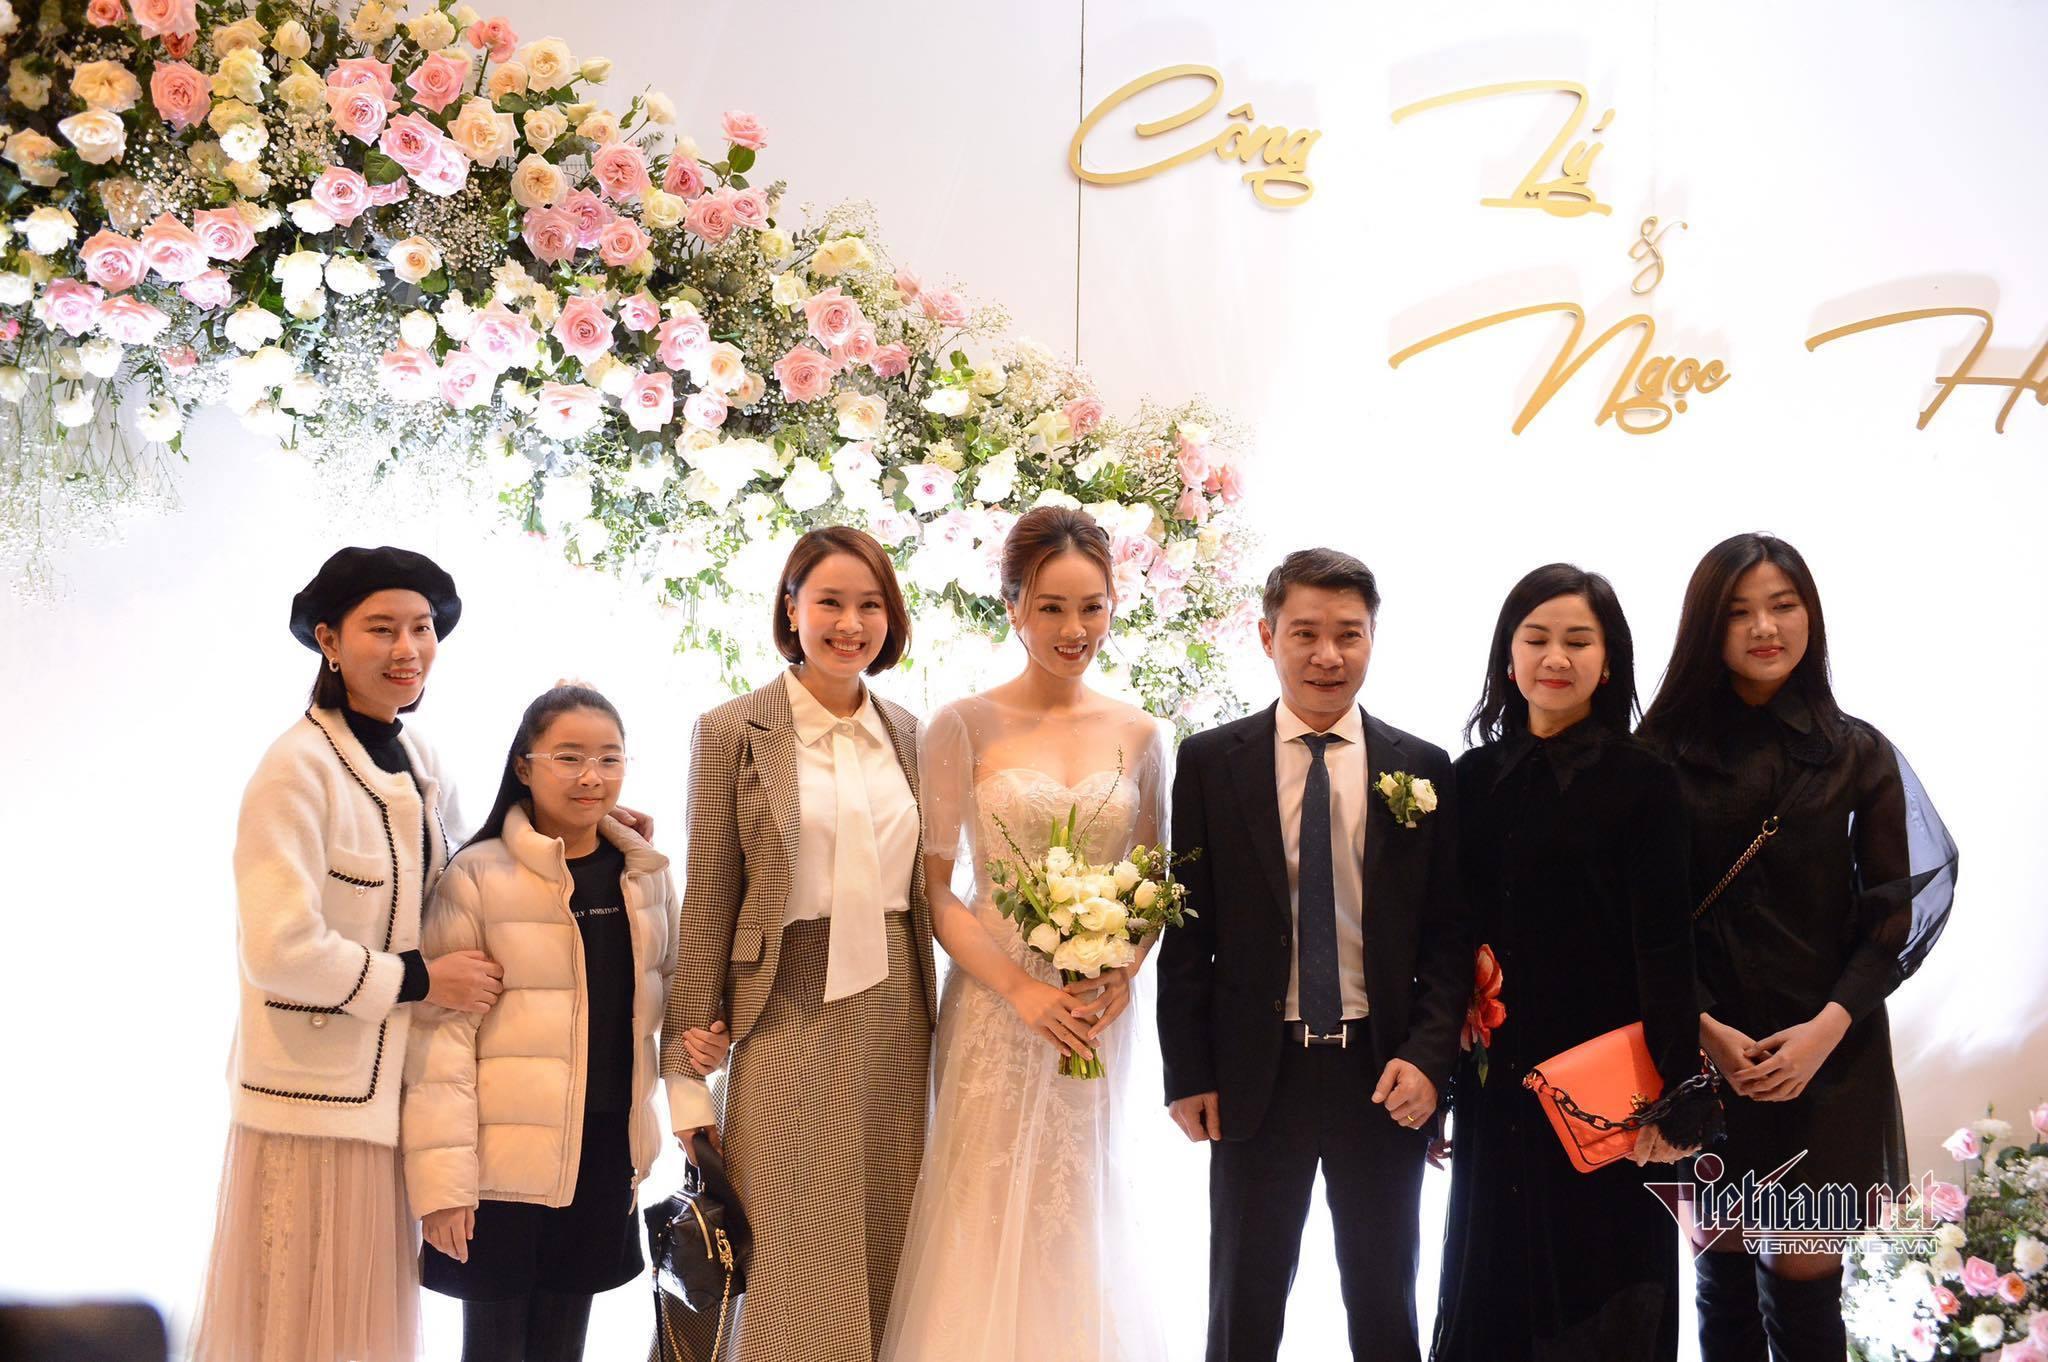 Dàn nghệ sĩ dự đám cưới NSND Công Lý và vợ kém 15 tuổi